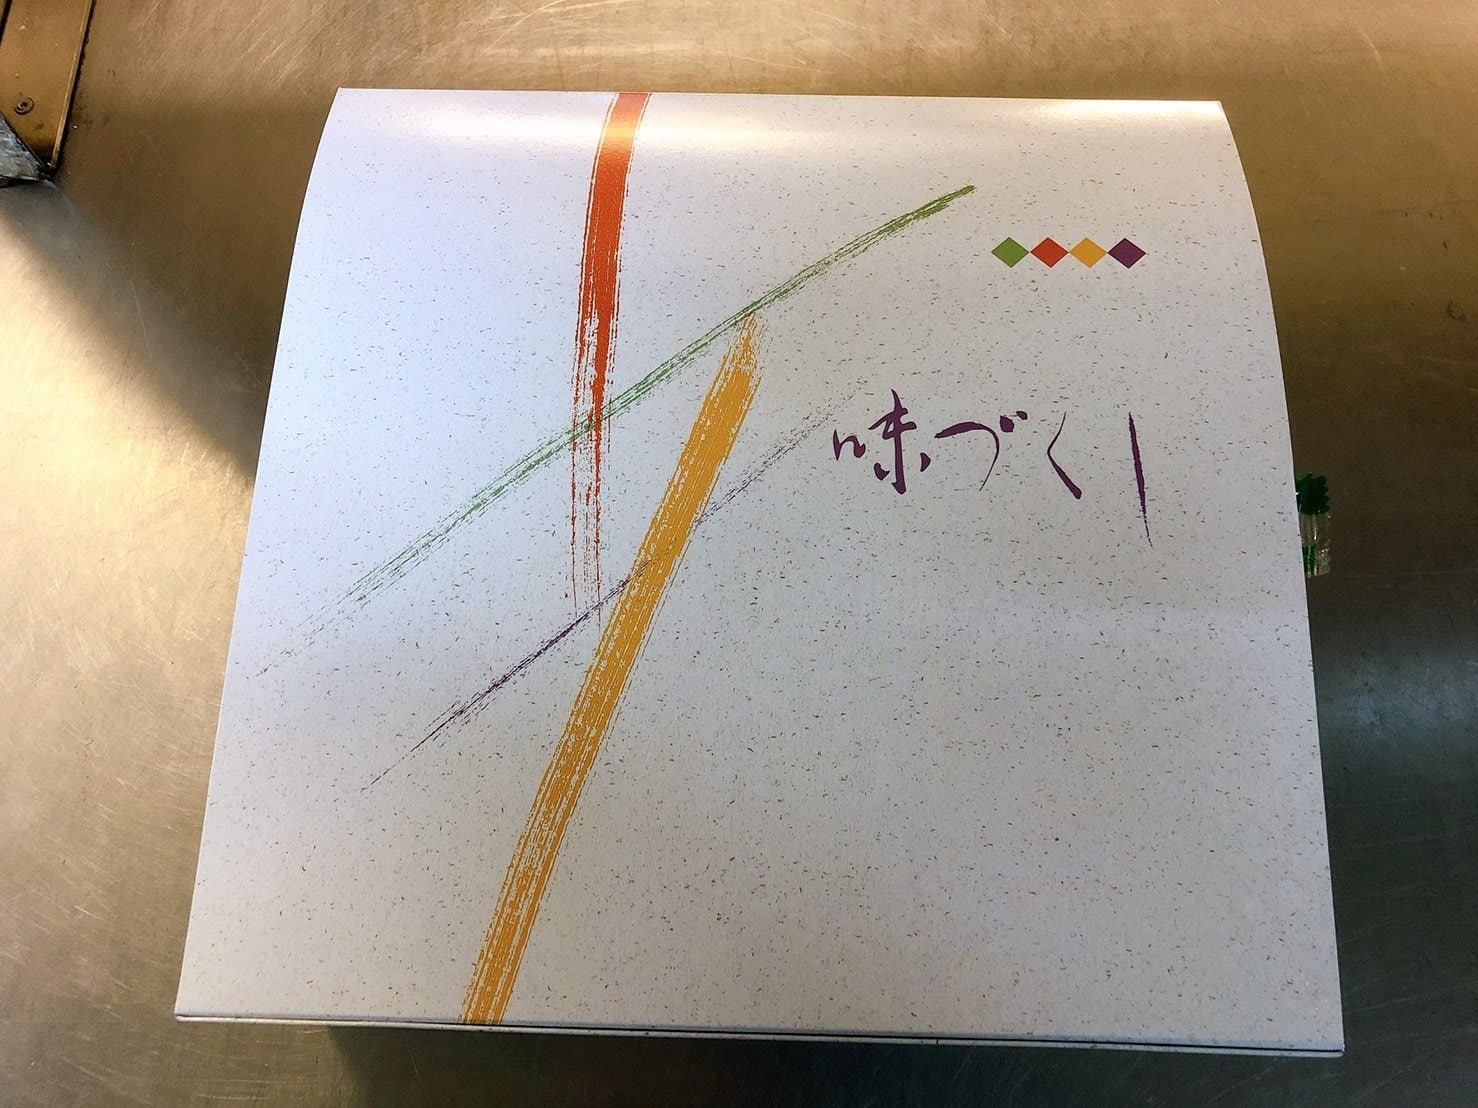 【テイクアウト・出前用】松花堂弁当(うなぎ入り)のイメージその3